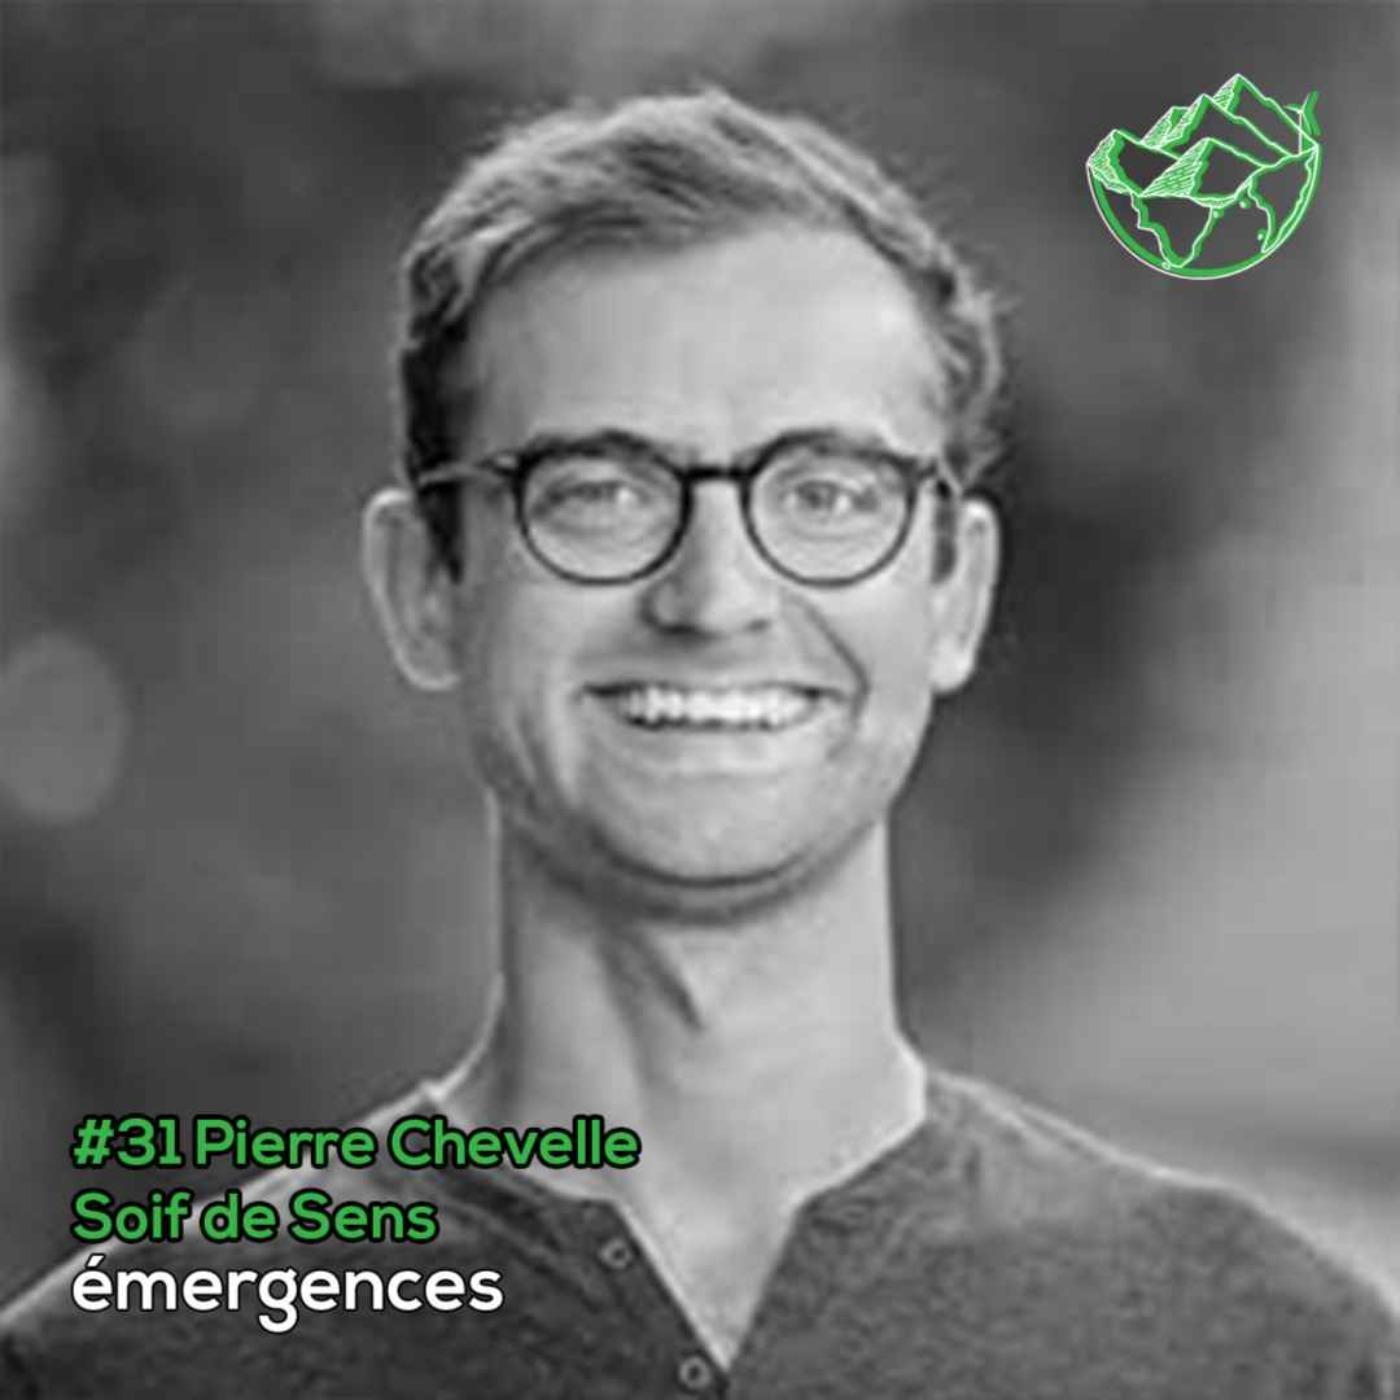 Emergences#31 – Pierre Chevelle – Soif de sens - Expérimenter pour mieux se connaitre